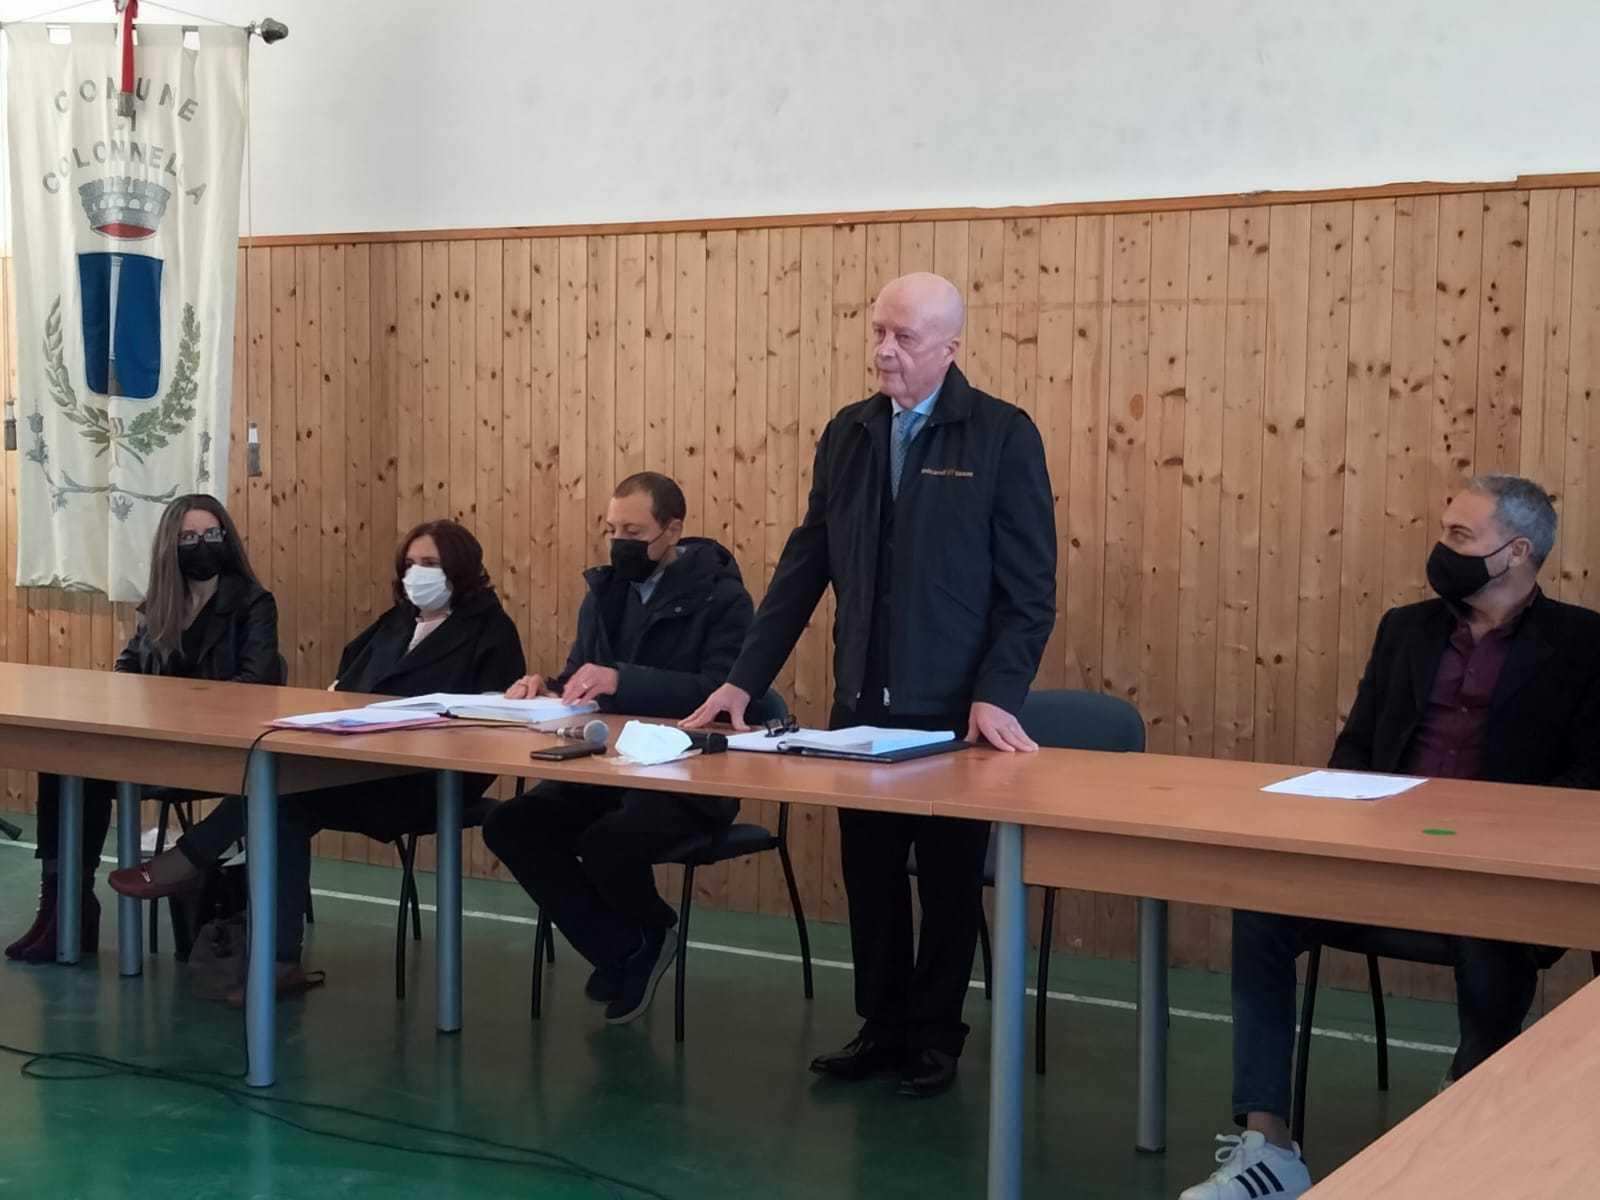 VIDEO E FOTO  Colonnella, primo consiglio comunale dell'era Massi: ecco i nomi della giunta e tutte le deleghe